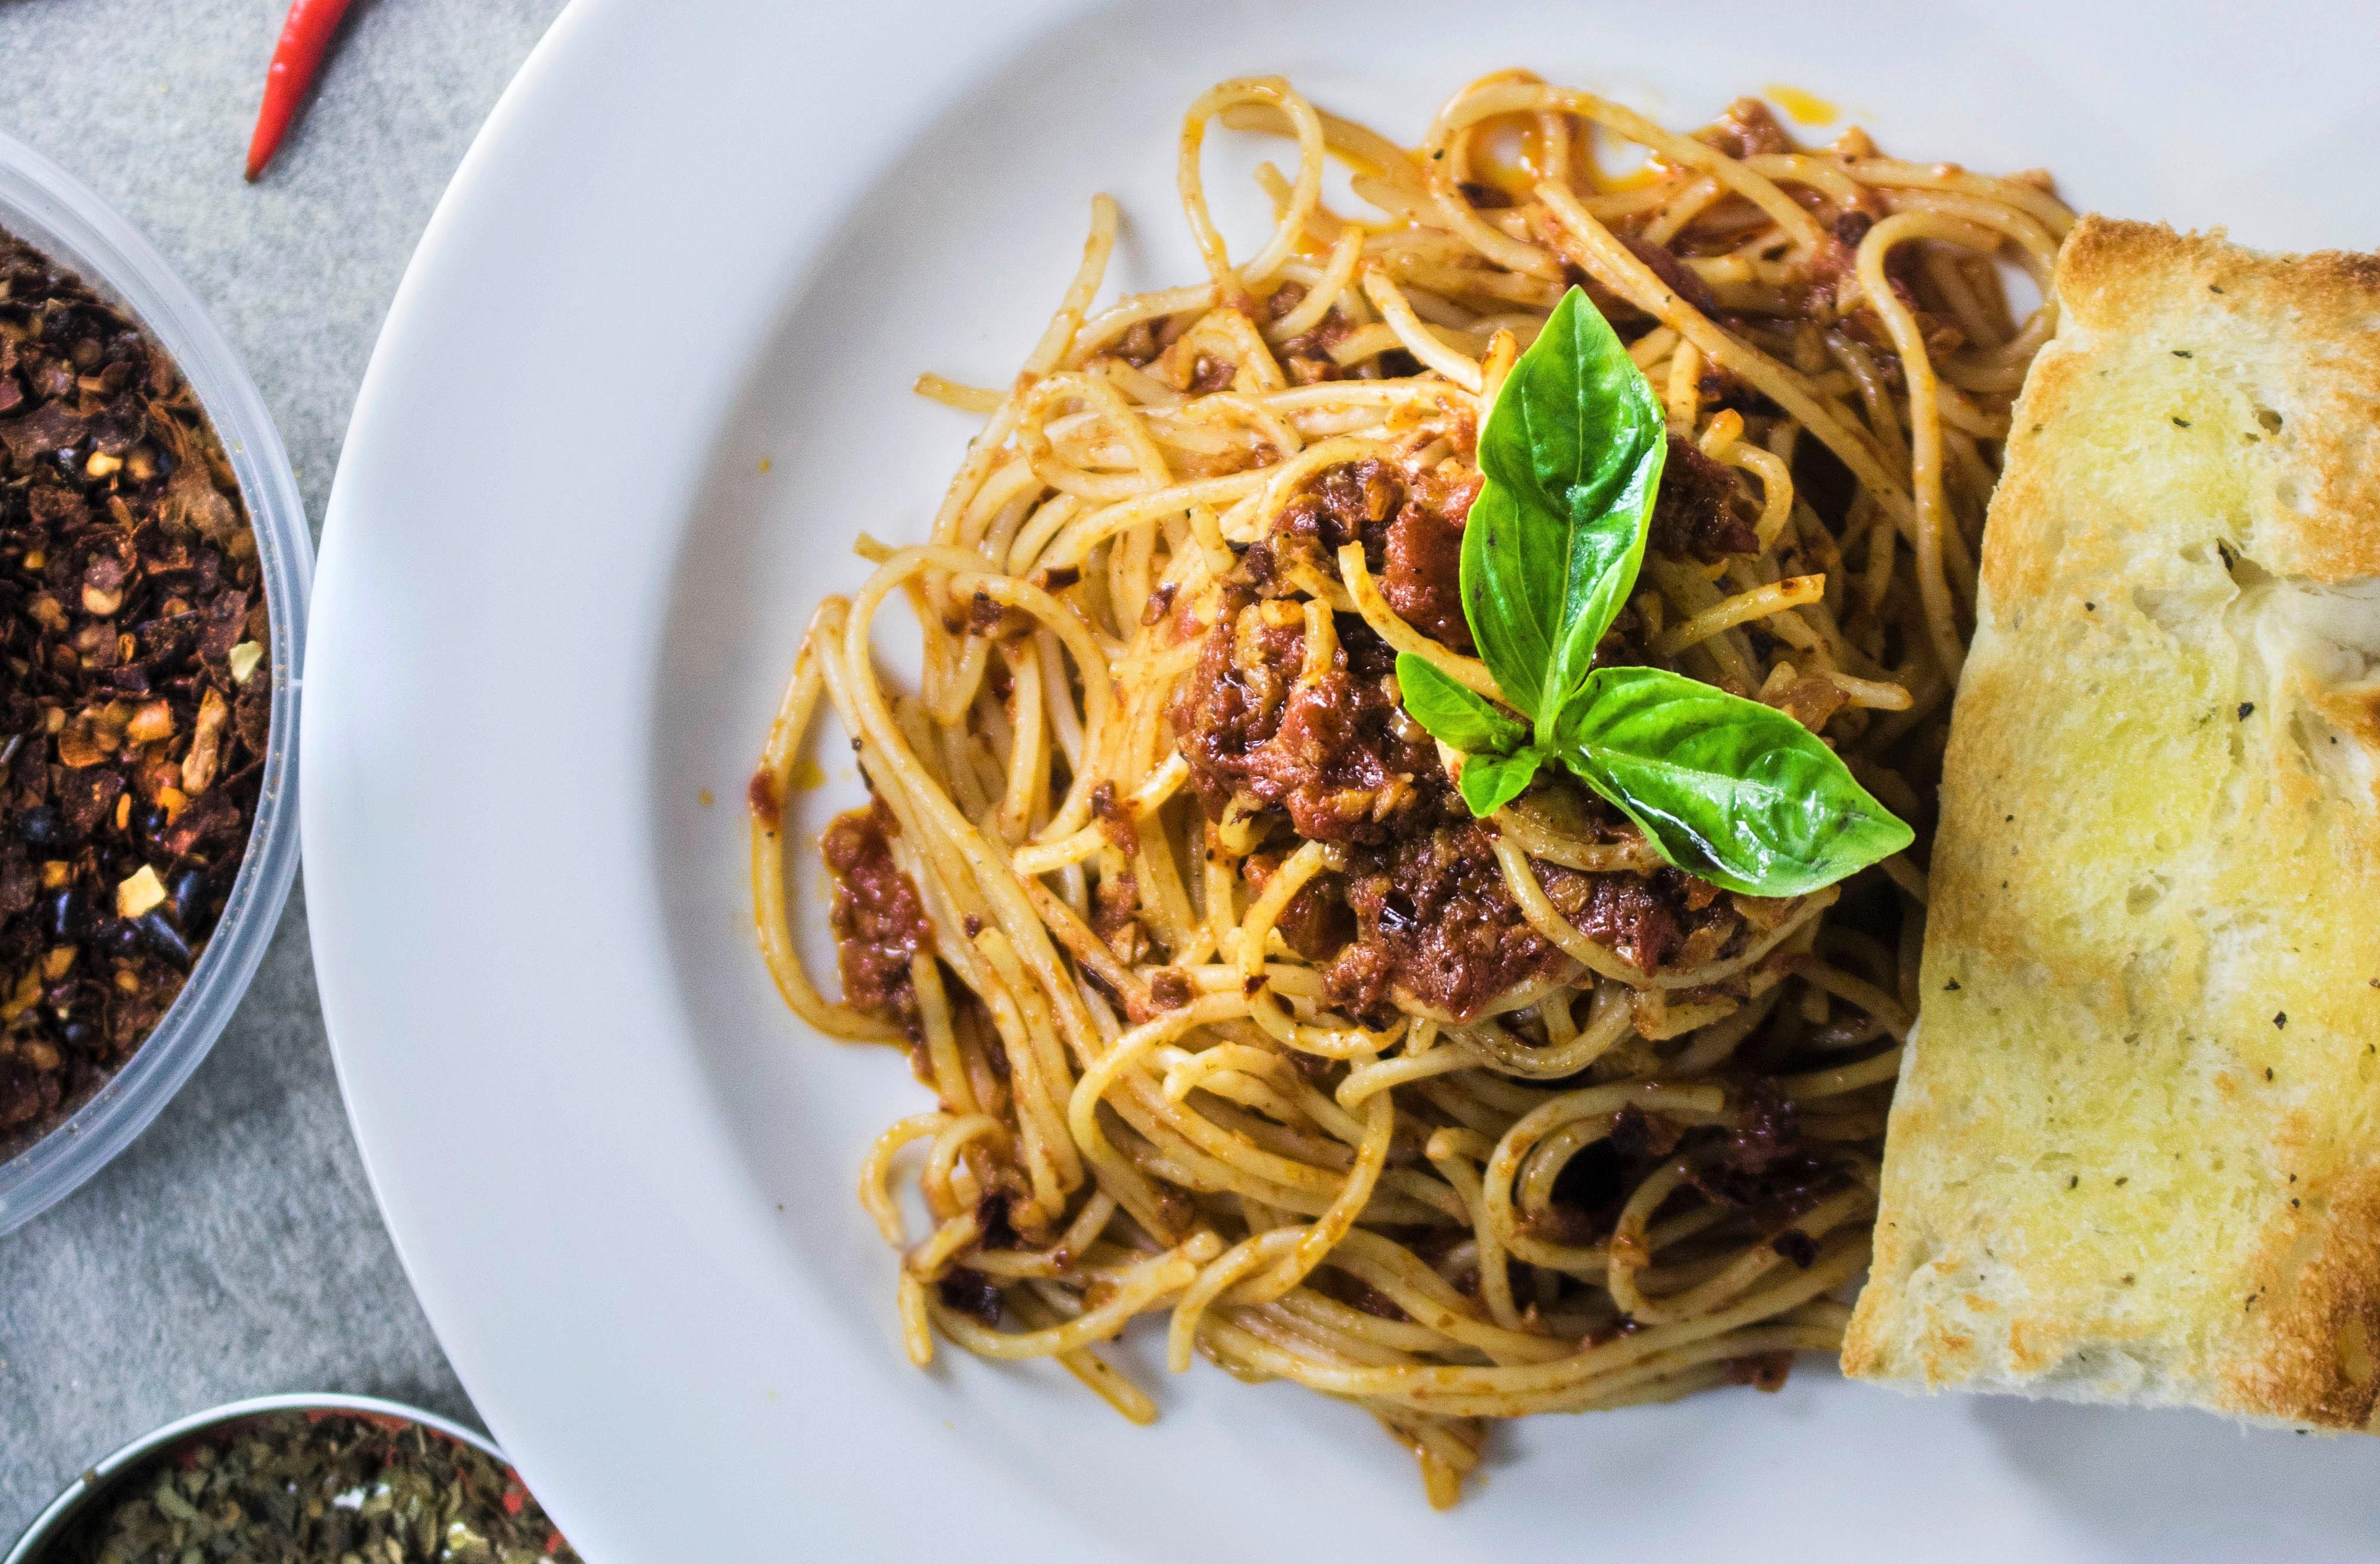 Untangling Transit Spaghetti